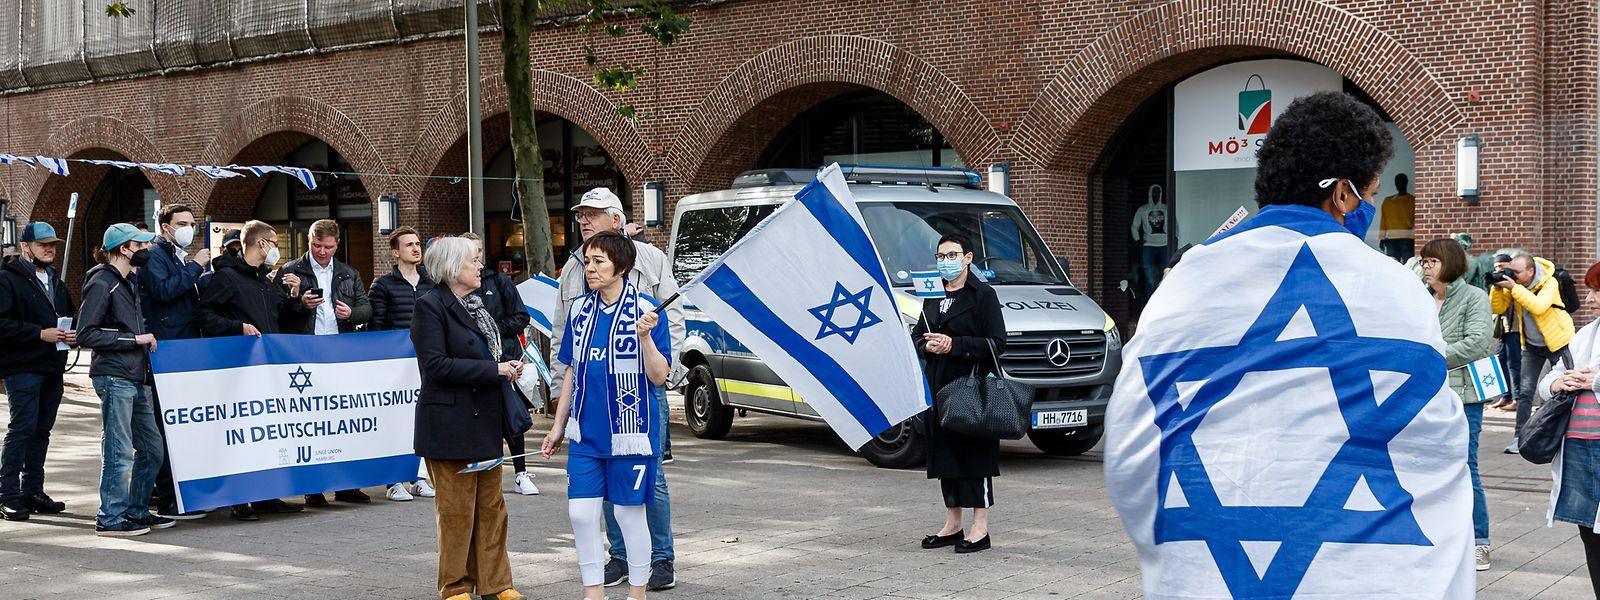 Nach einem antisemitischen Vorfall demonstrieren Menschen in Hamburg Anfang Oktober für Israel und gegen Antisemitismus.